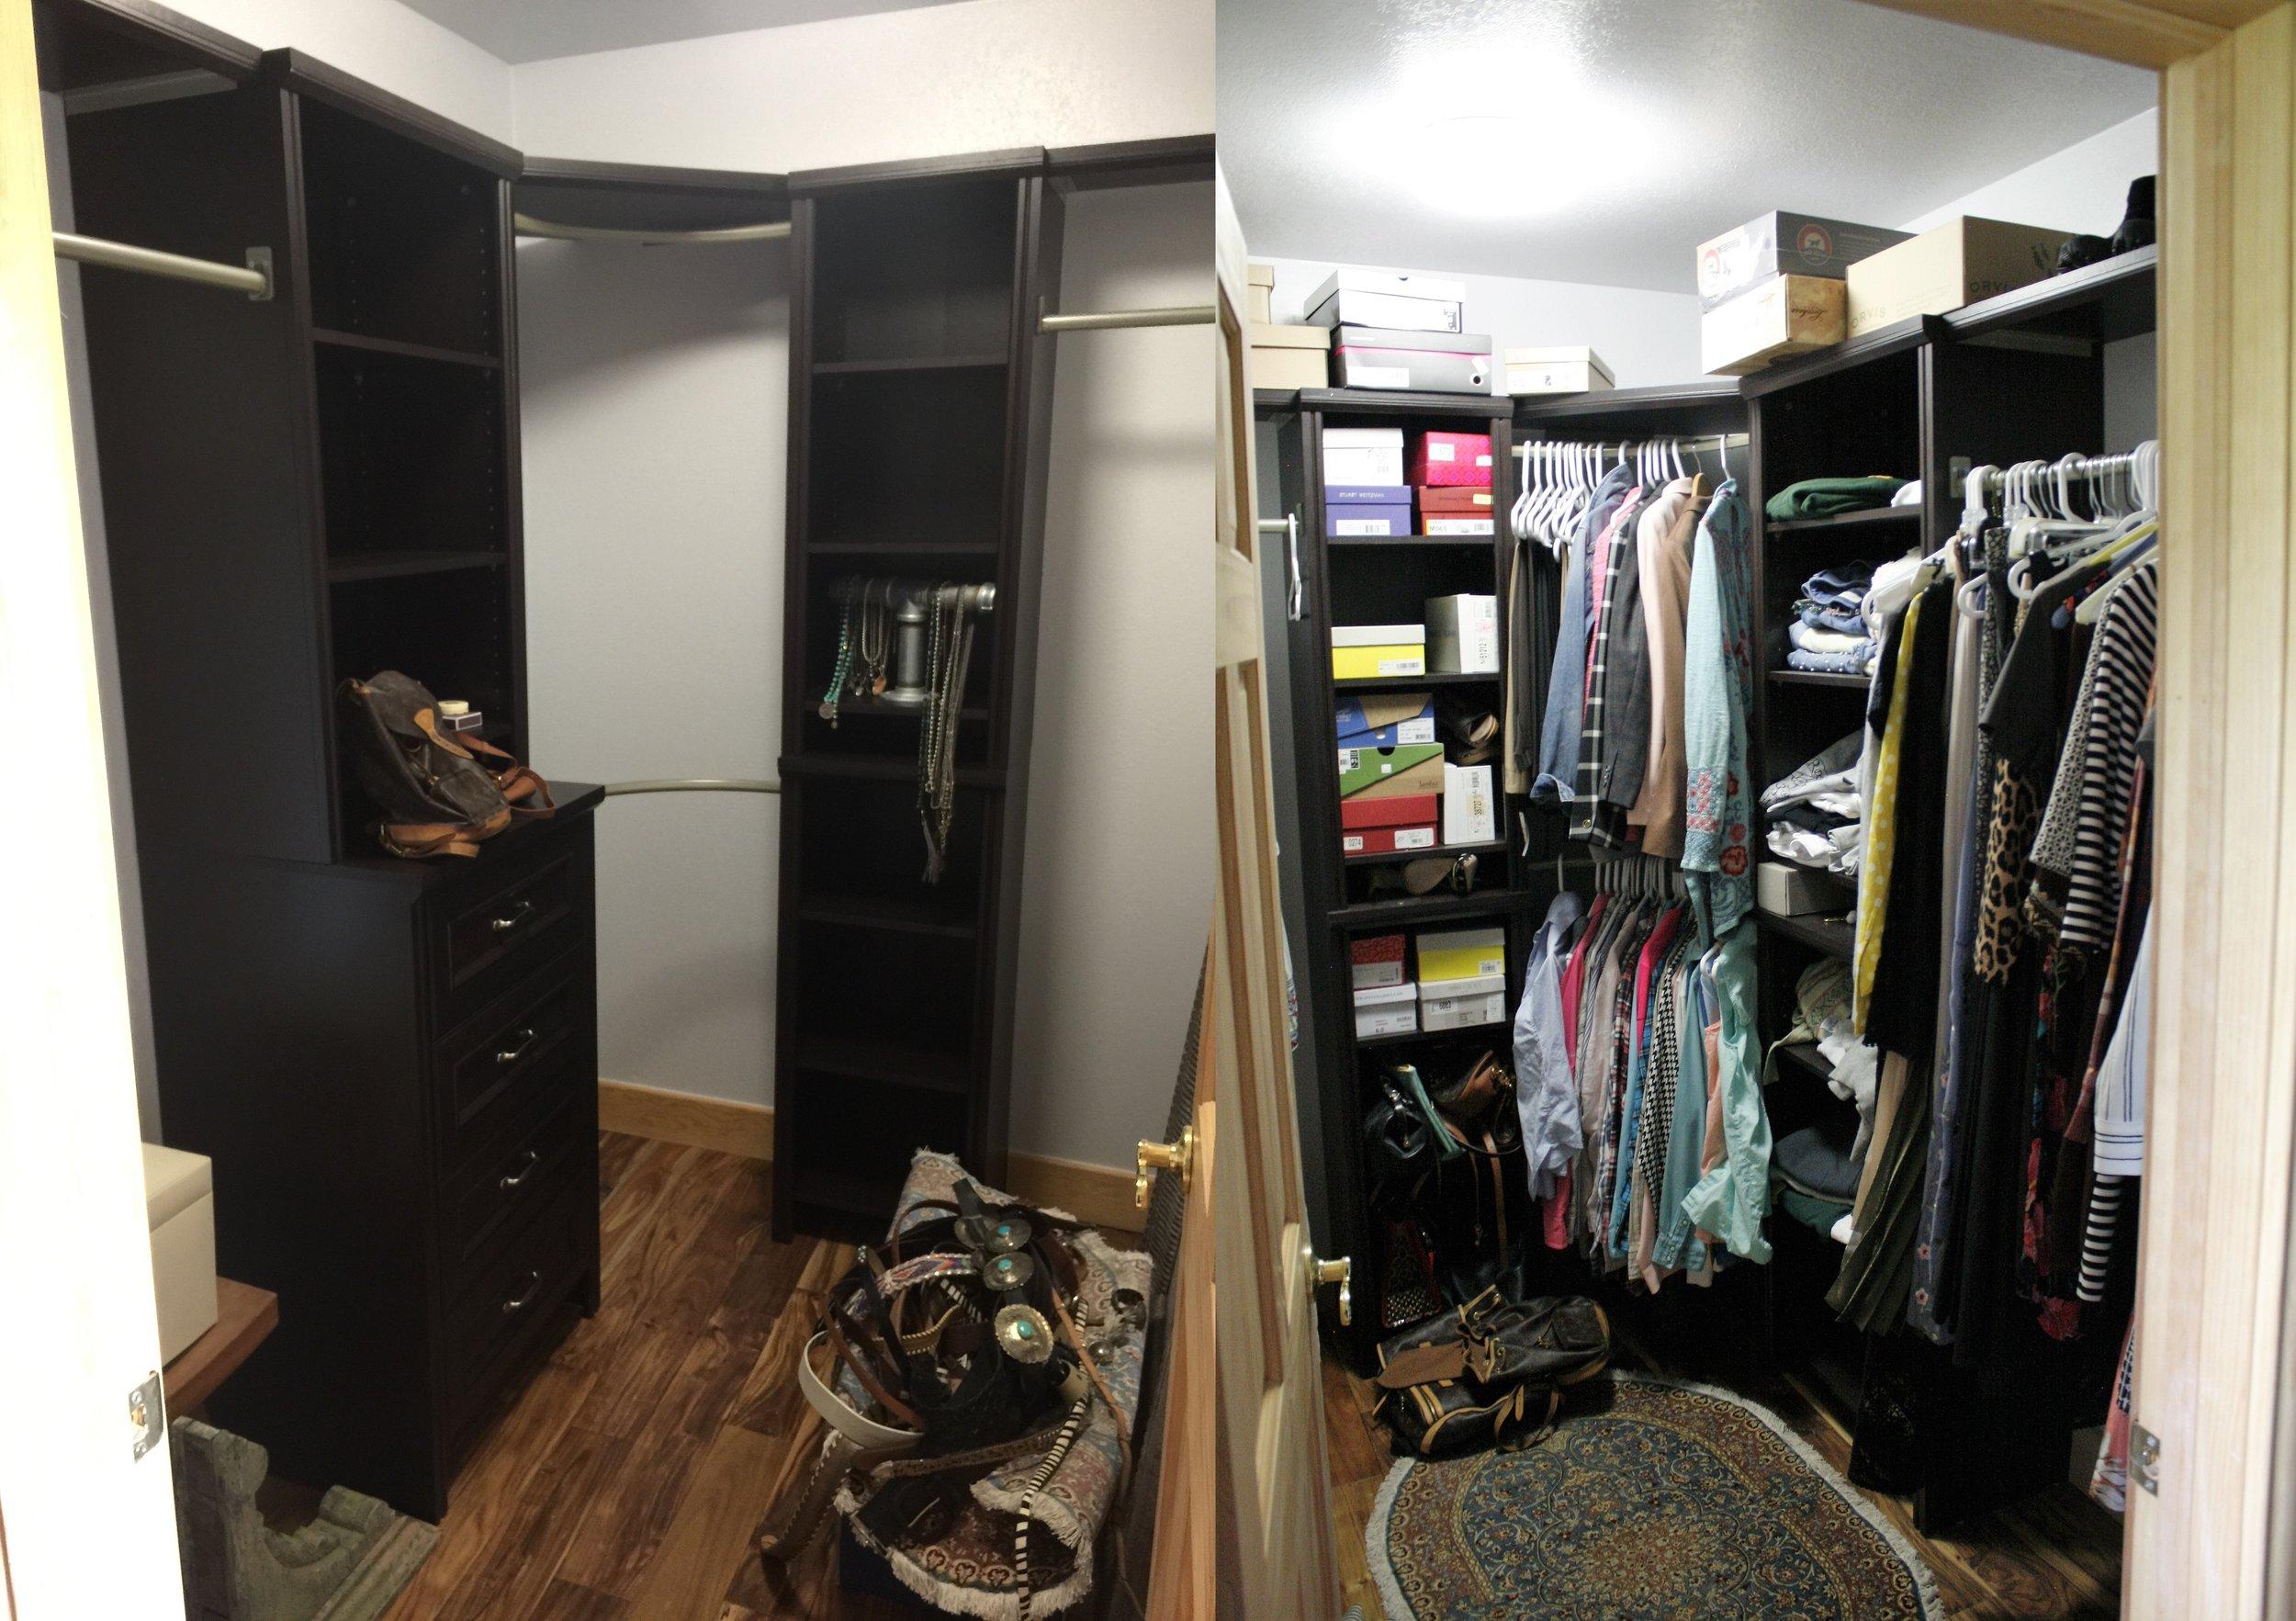 Home Depot closet system install